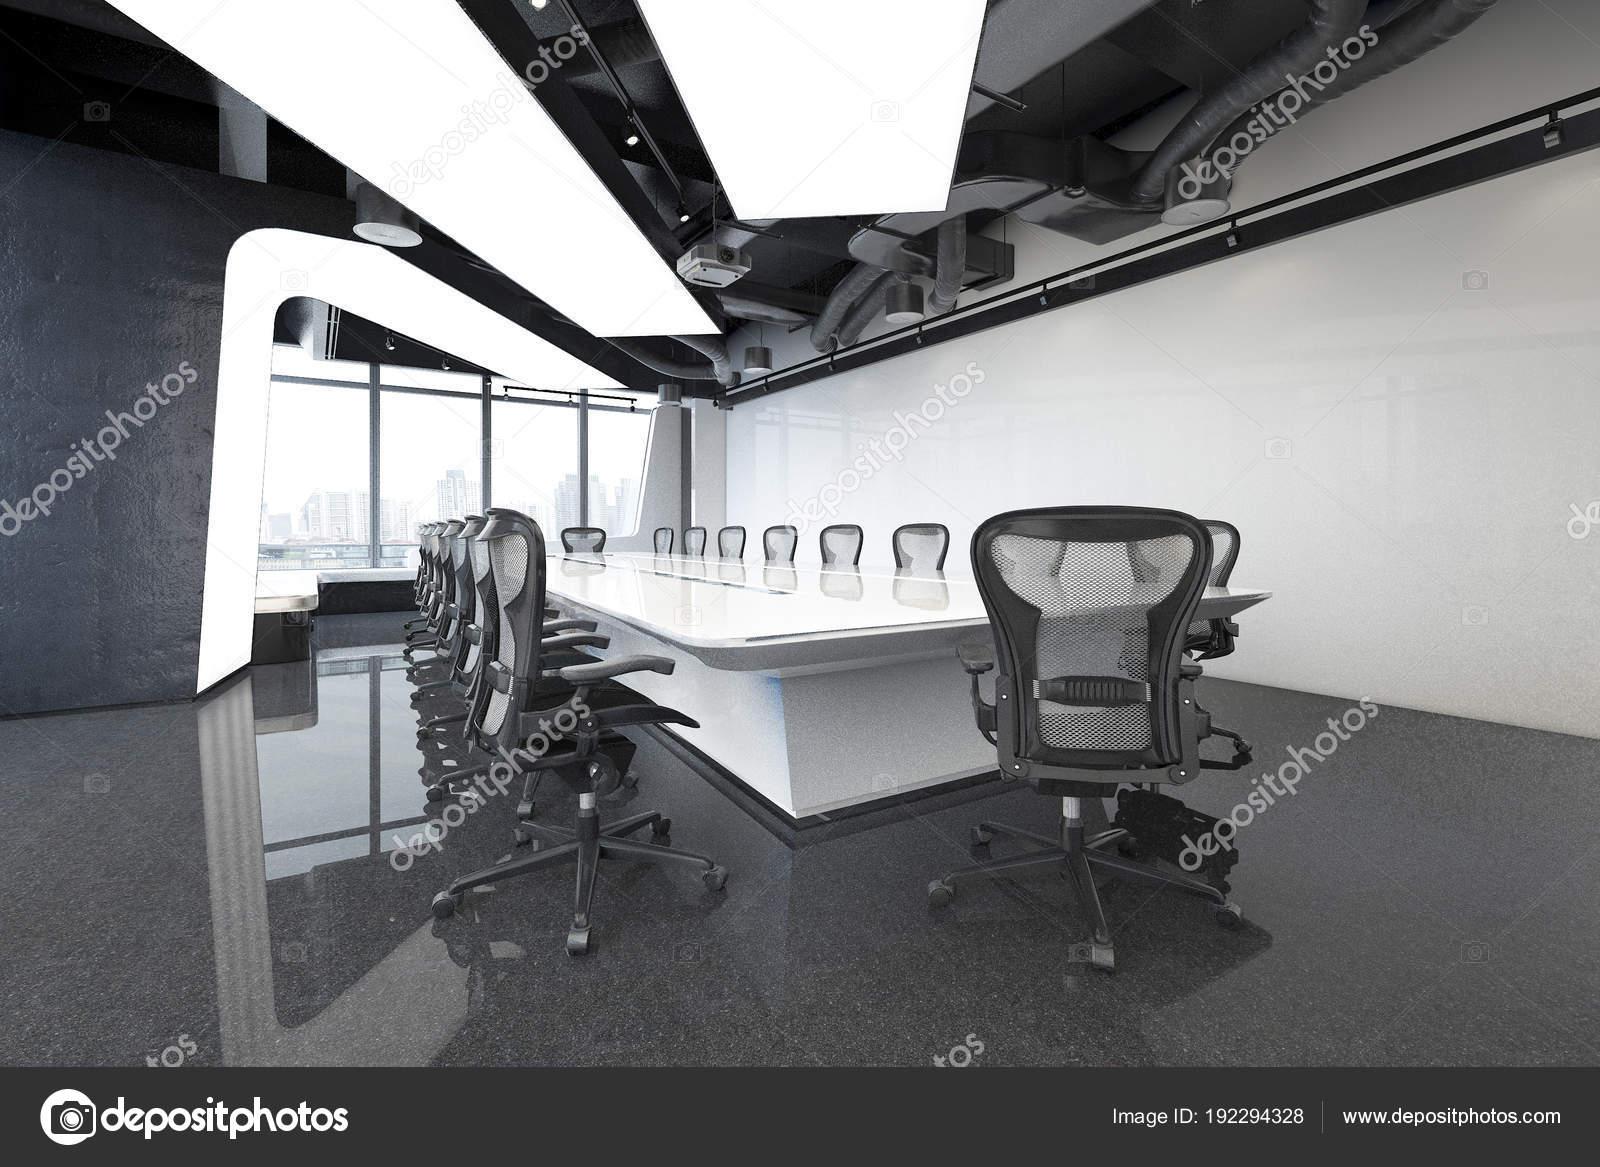 Entreprise rendu salles sur immeuble bureaux grande hauteur